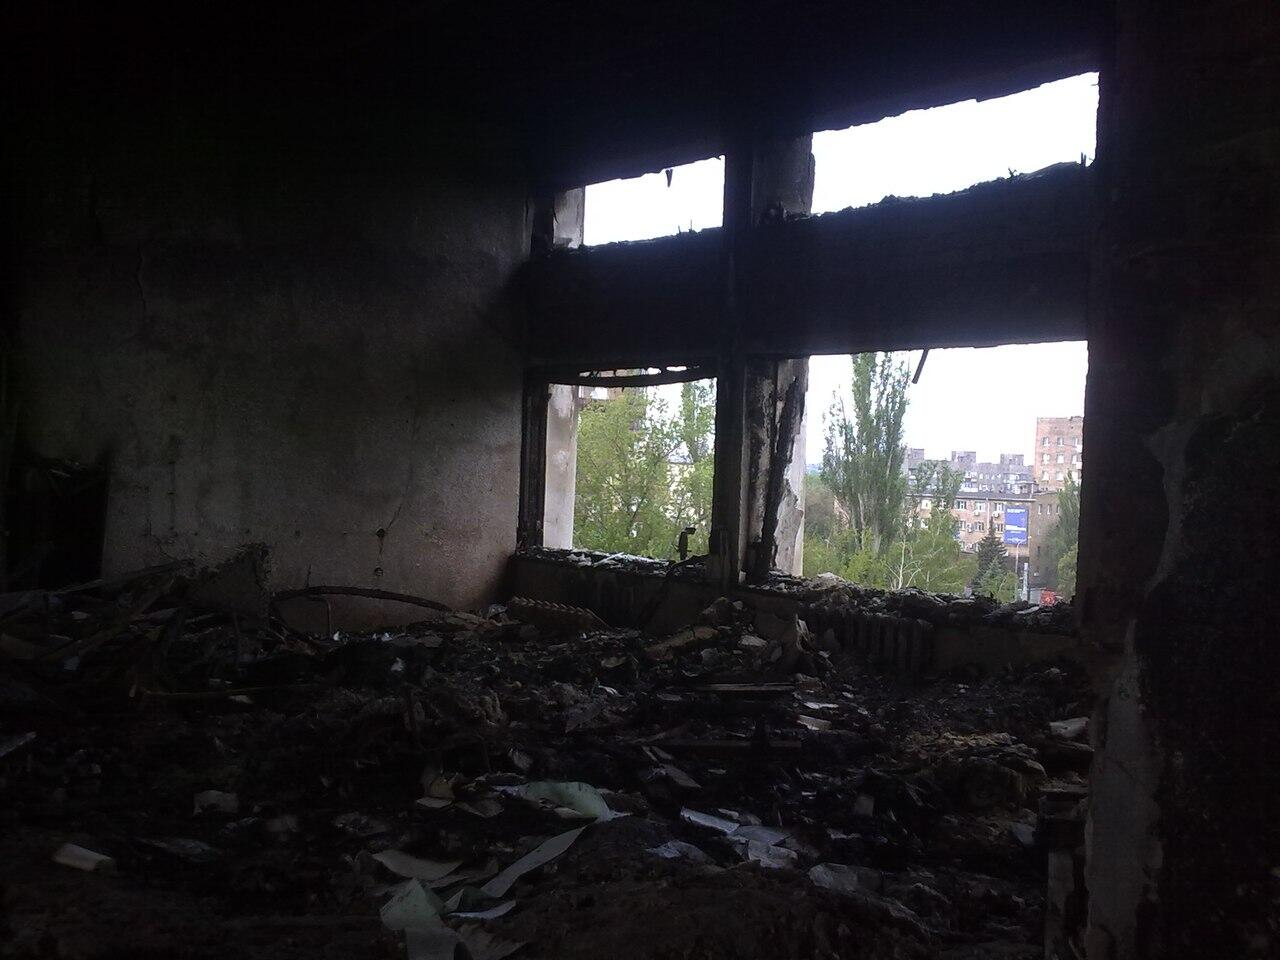 Террористы угрожают сжечь избирательный участок в Донецке, - СМИ - Цензор.НЕТ 9585